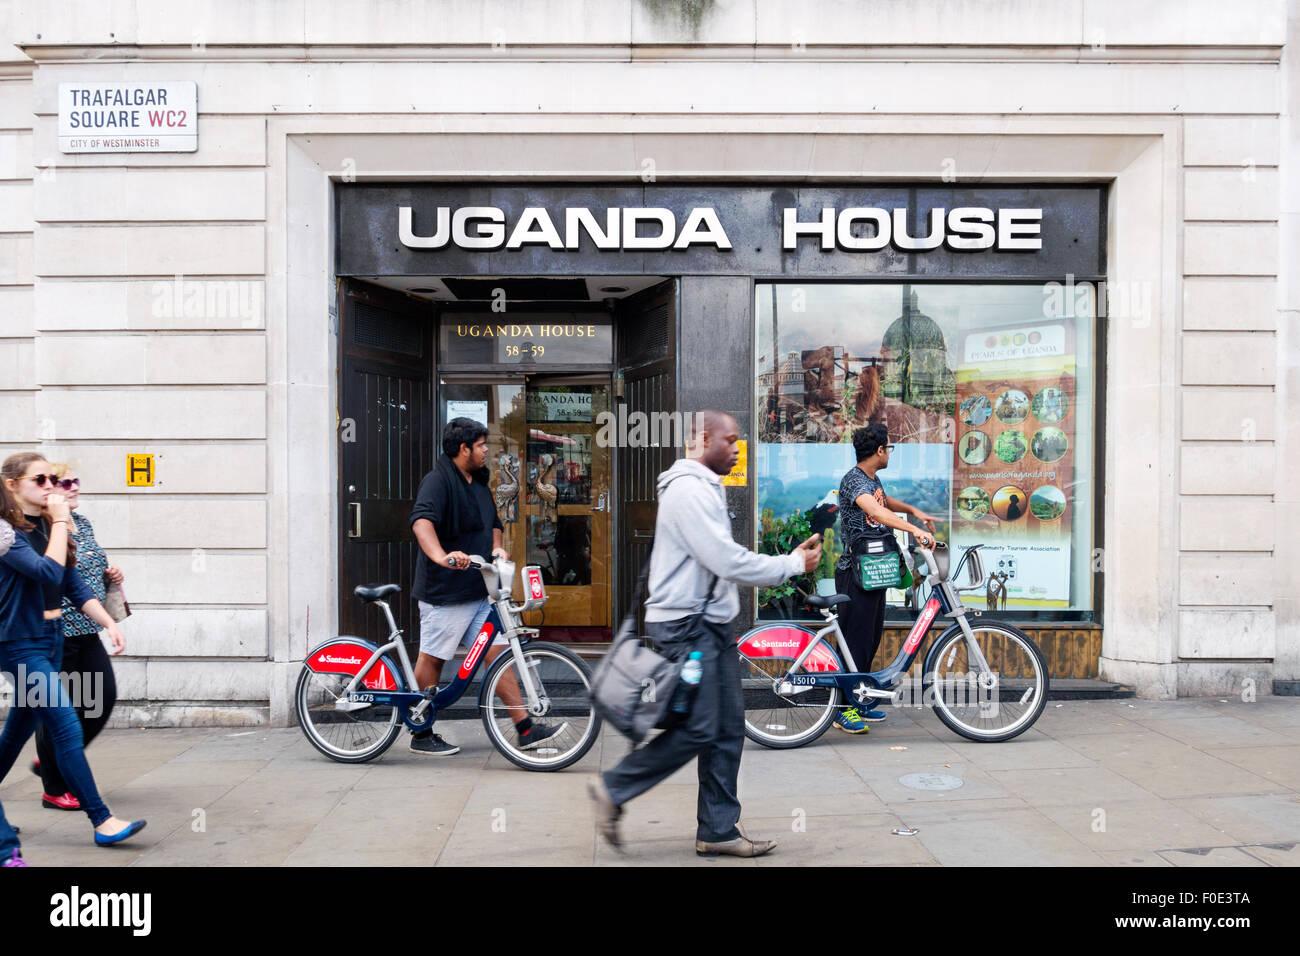 People outside Uganda House, the Uganda High Commission, Trafalgar Square, London UK - Stock Image